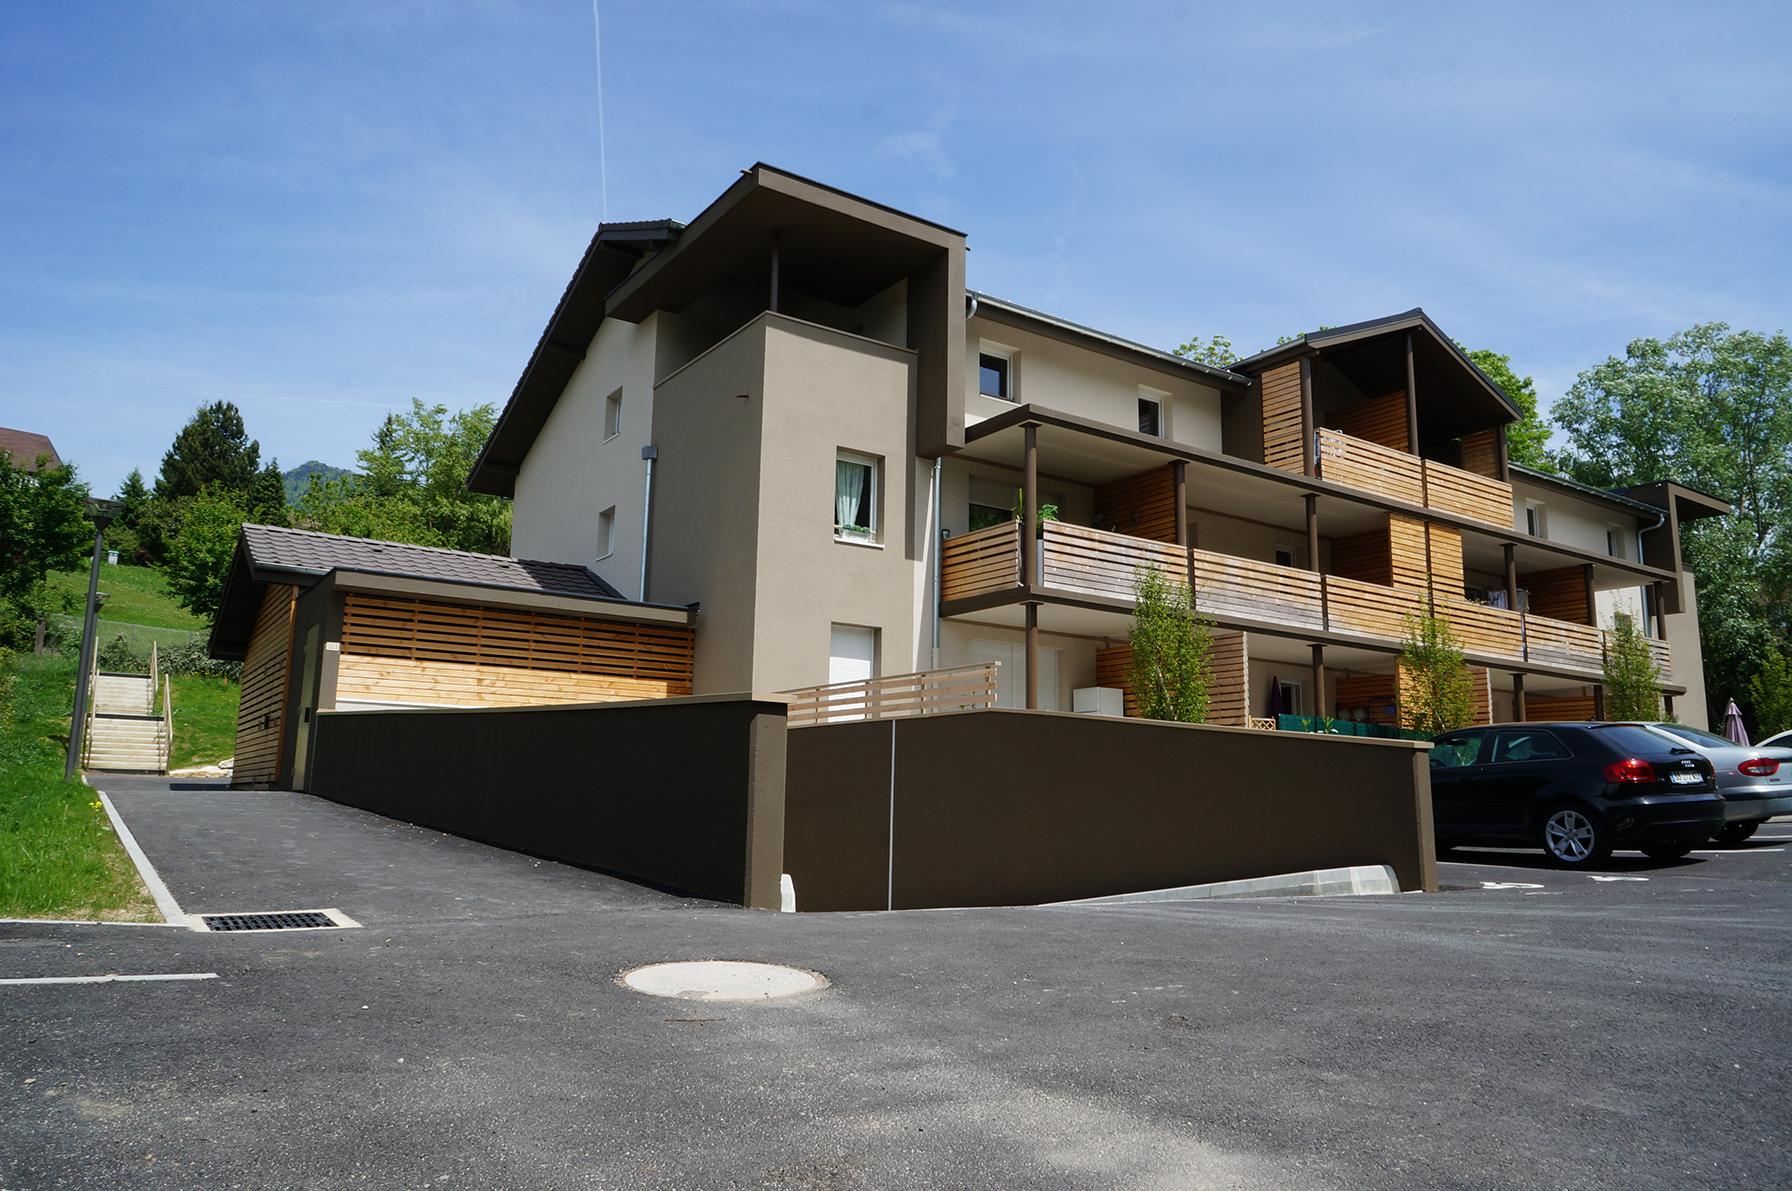 12 Logements à BONNE - Architecte GUYOT Nelly - POULAIN Isabelle